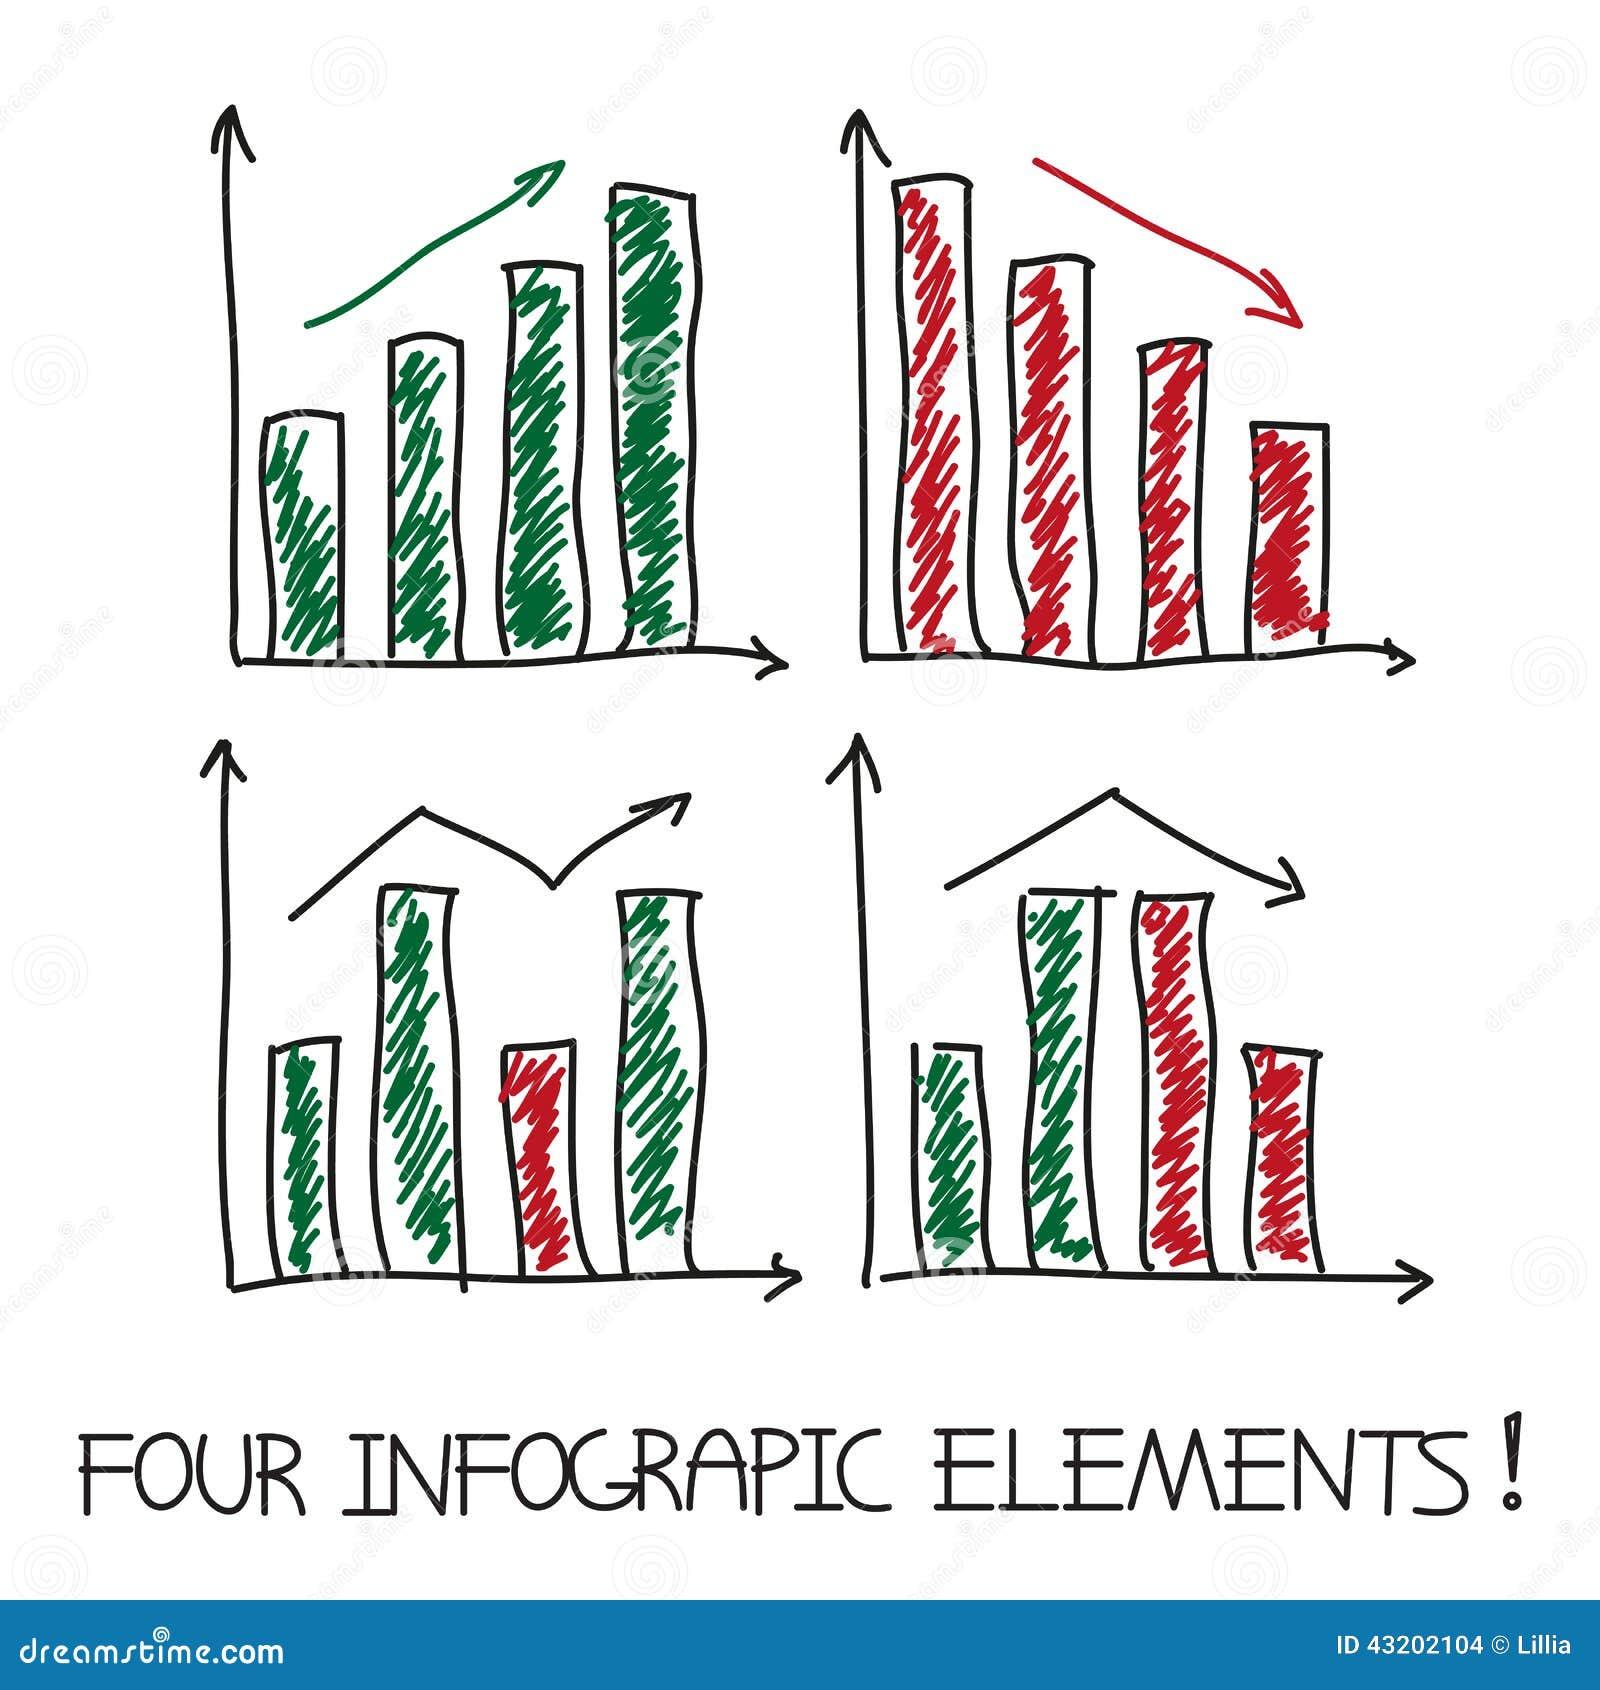 Reeks van onze infographic elementen